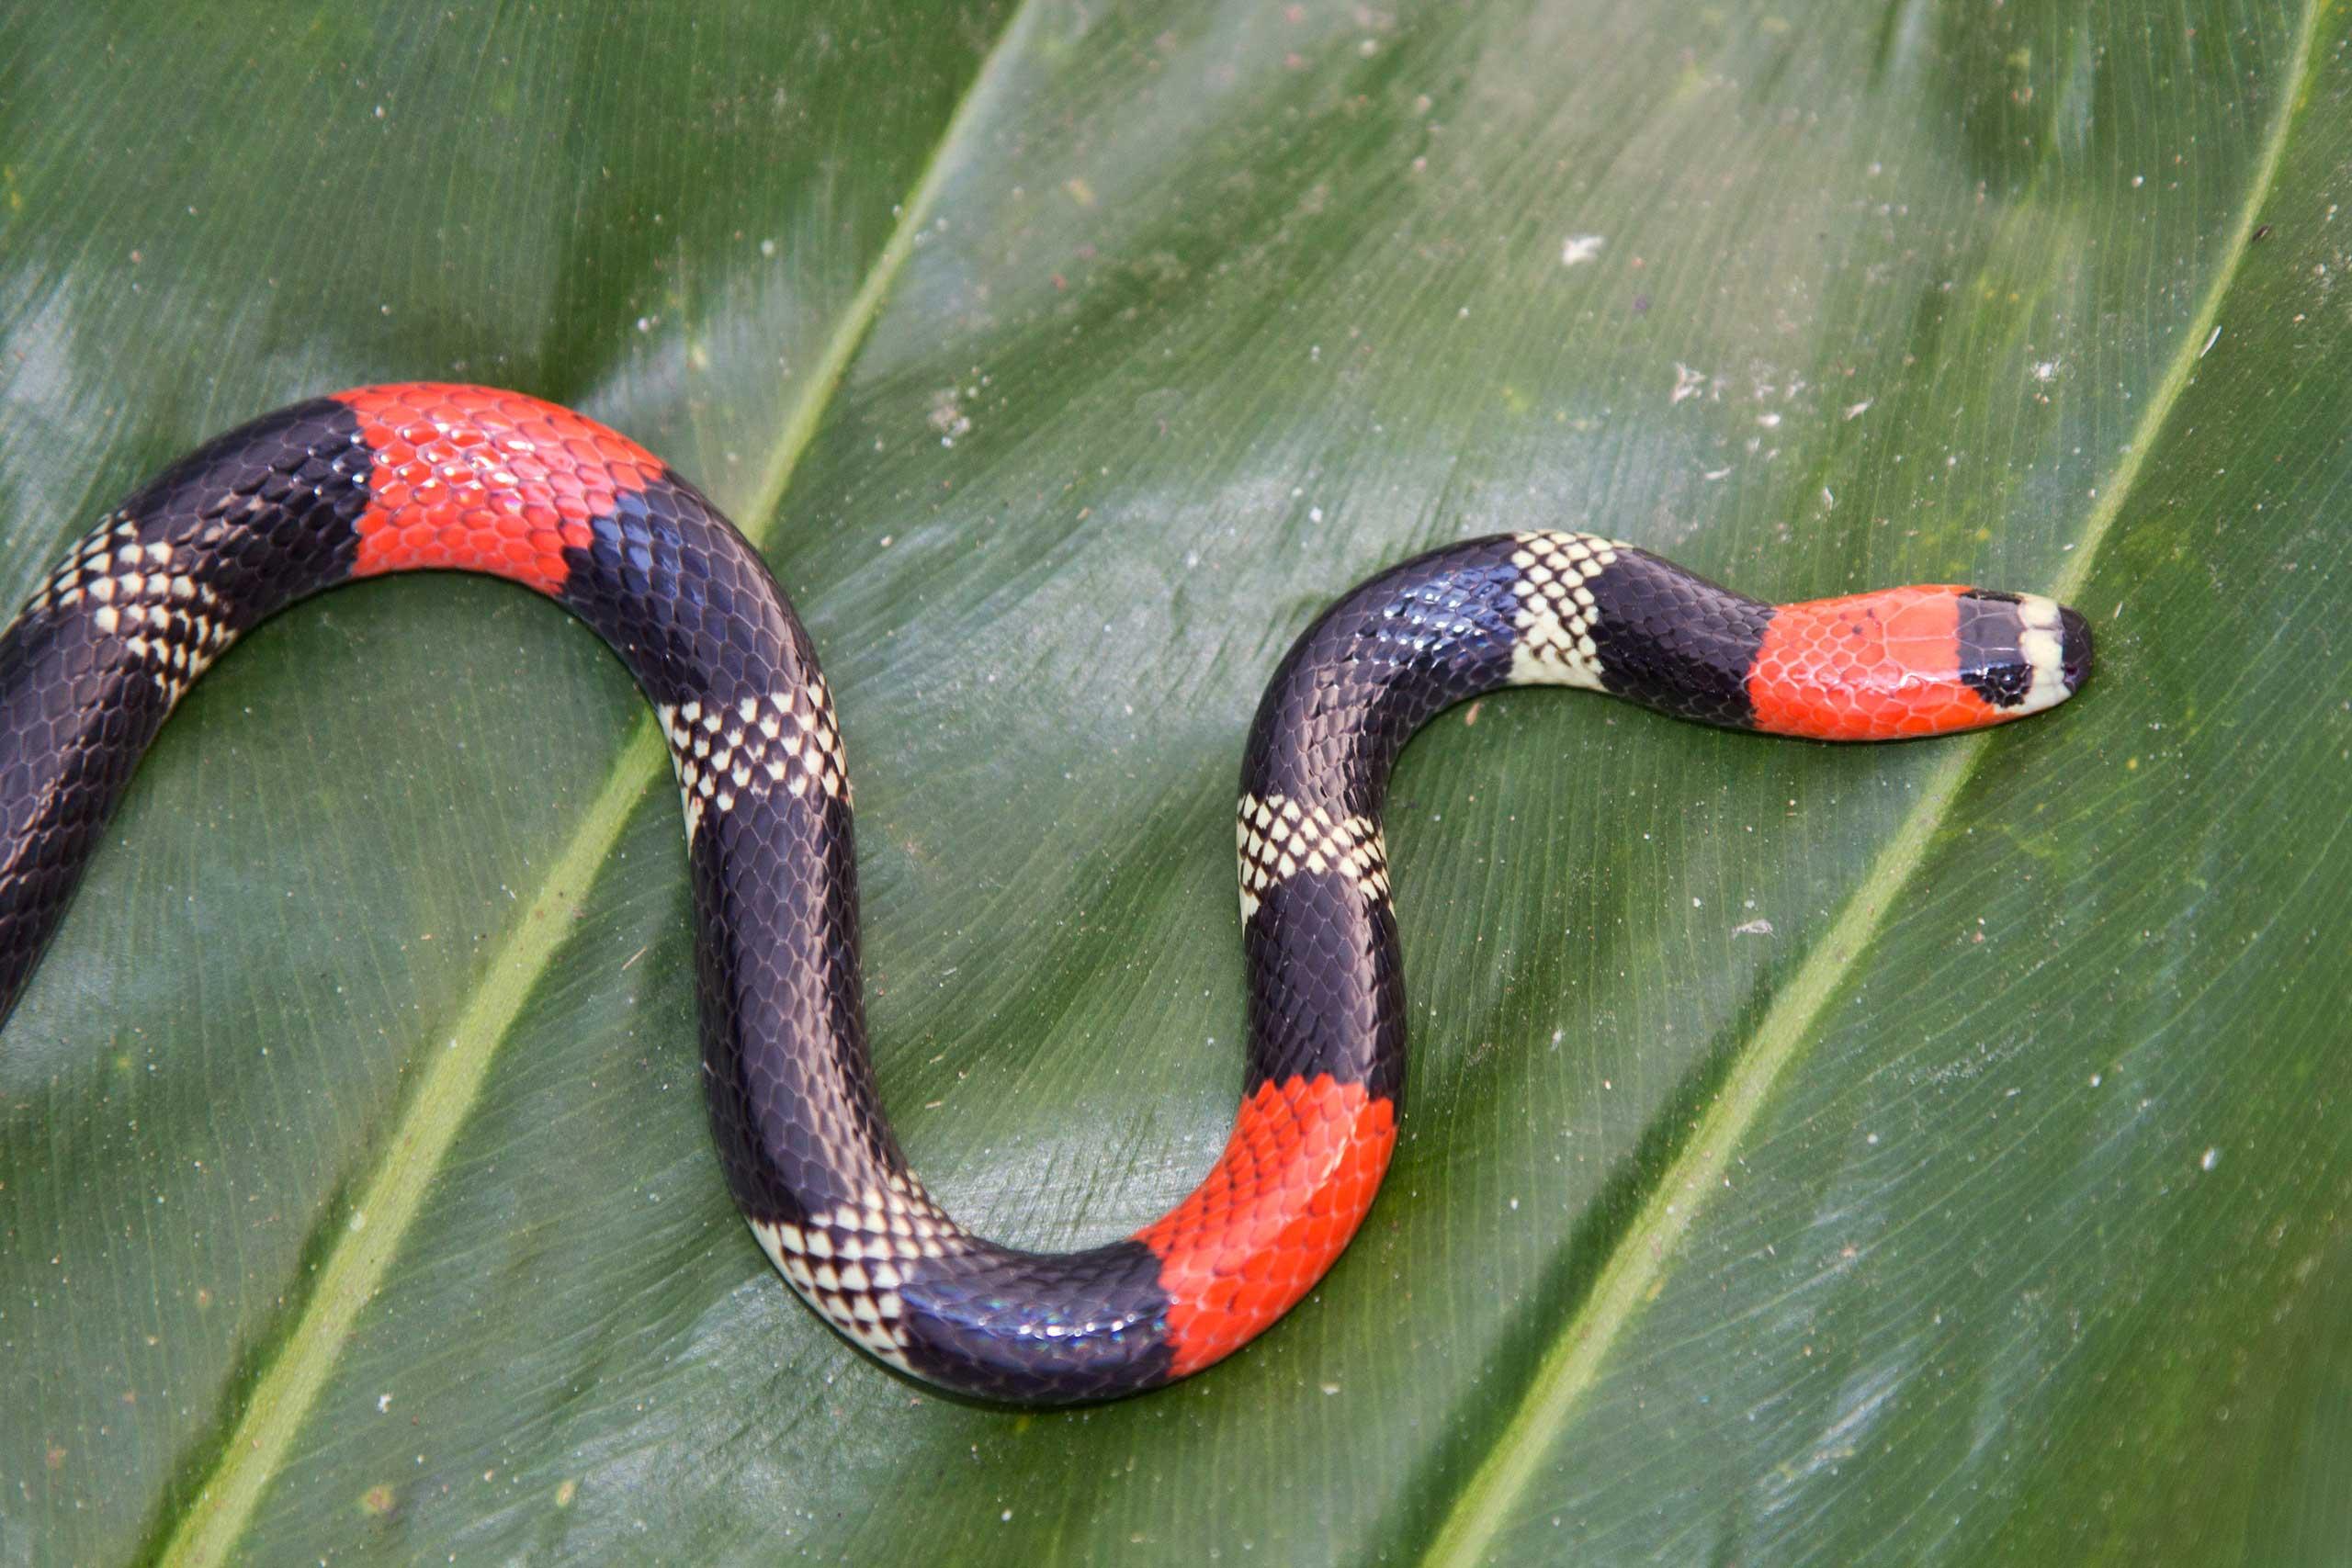 фото змеи рыже черная обслуживается одной